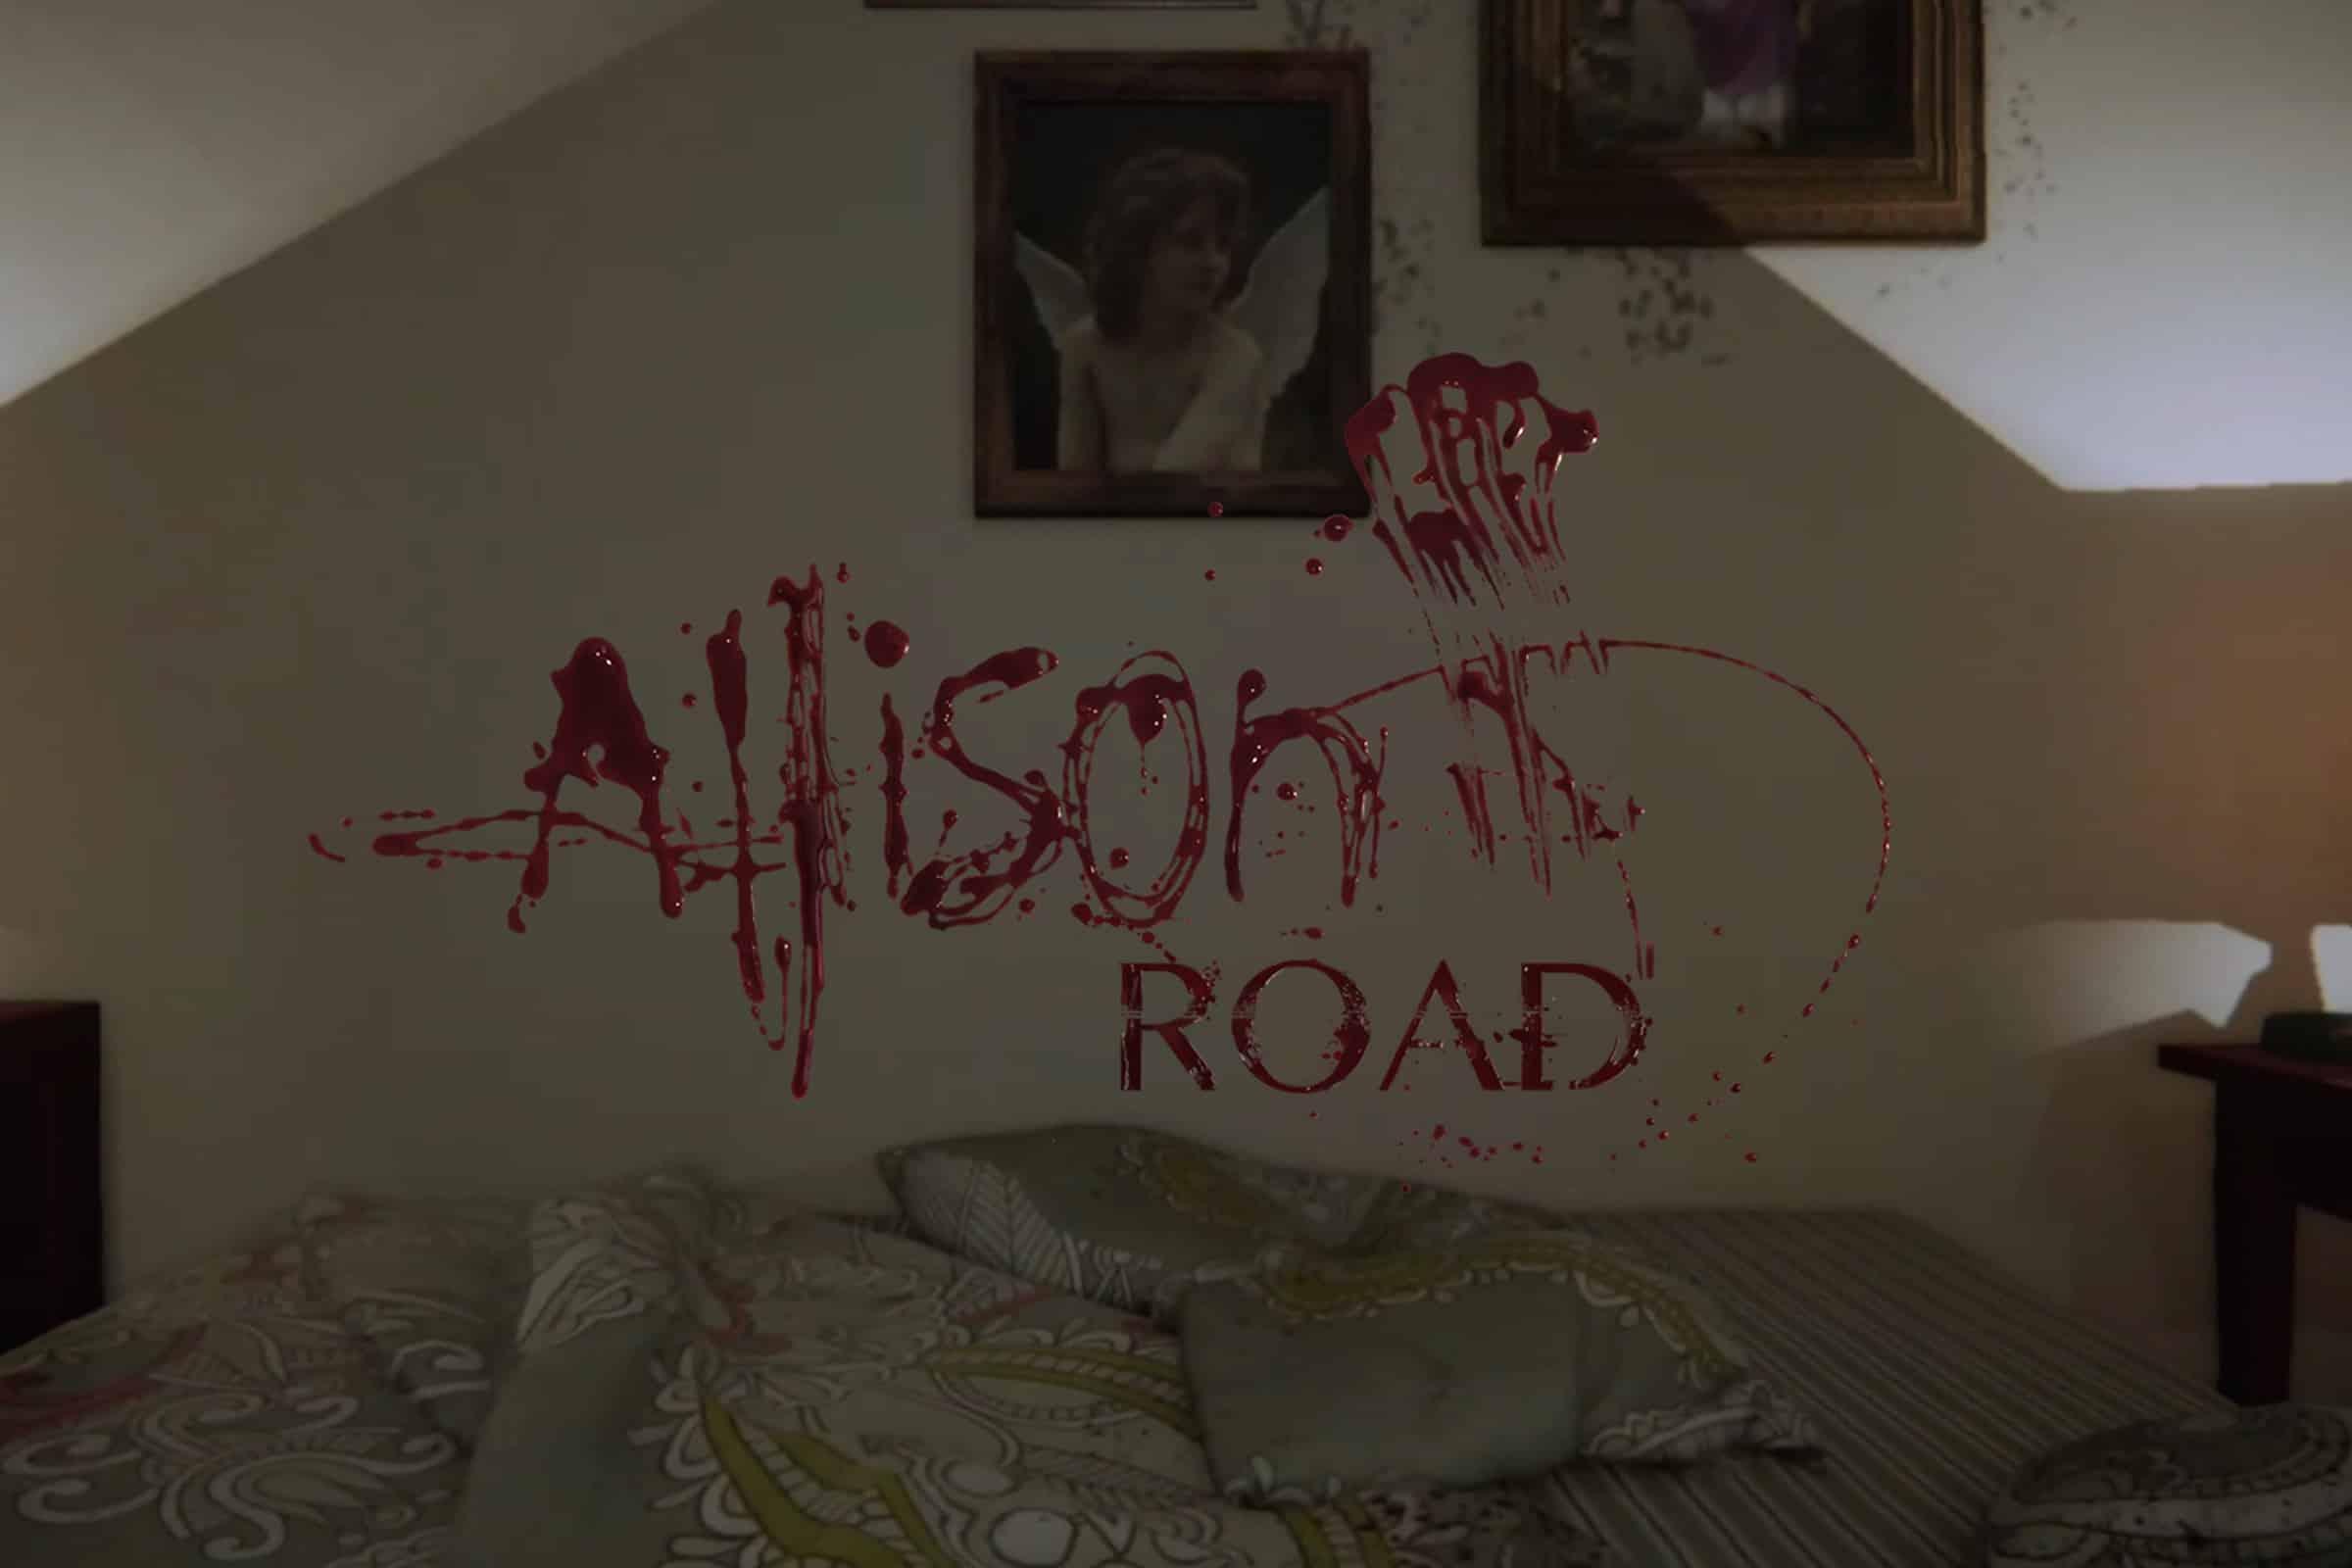 Allison Road è stato cancellato